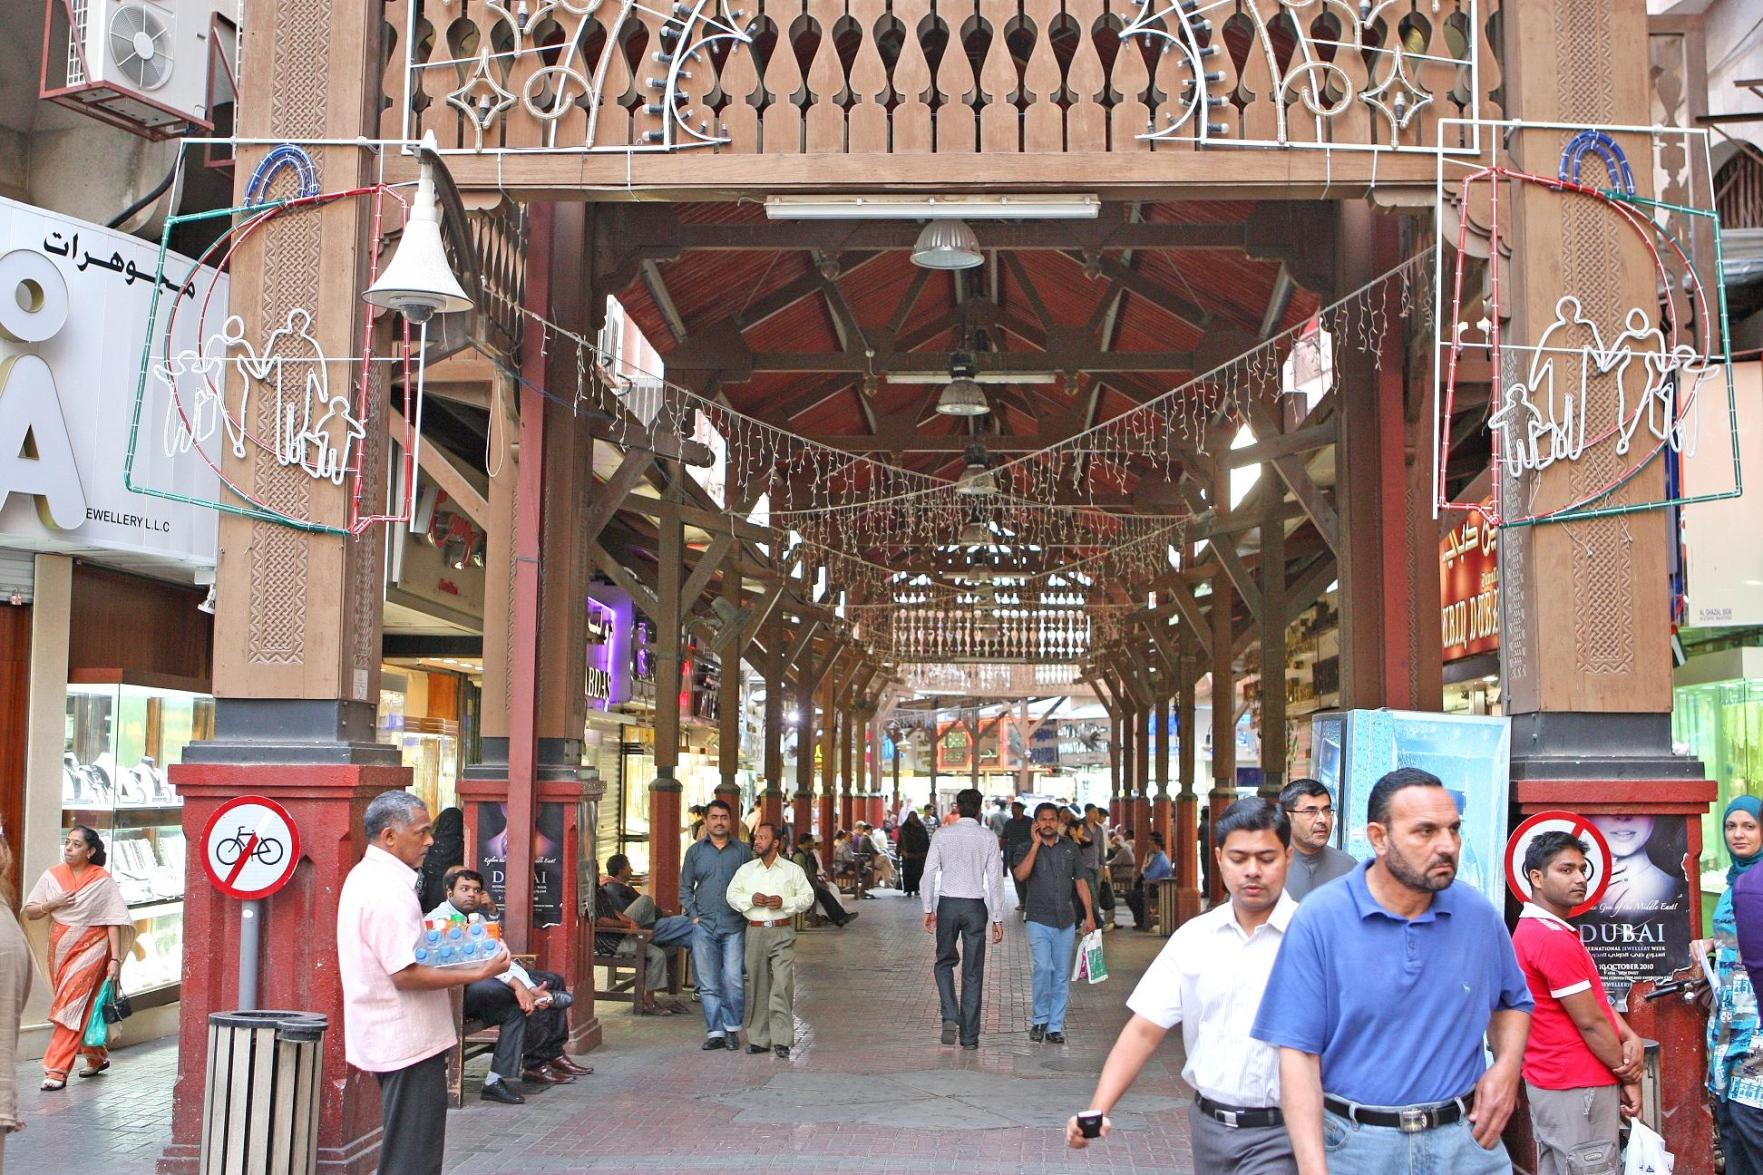 اهم وافضل الاسواق الرخيصة في دبي الامارات | الاسواق الرخيصة فى دبى